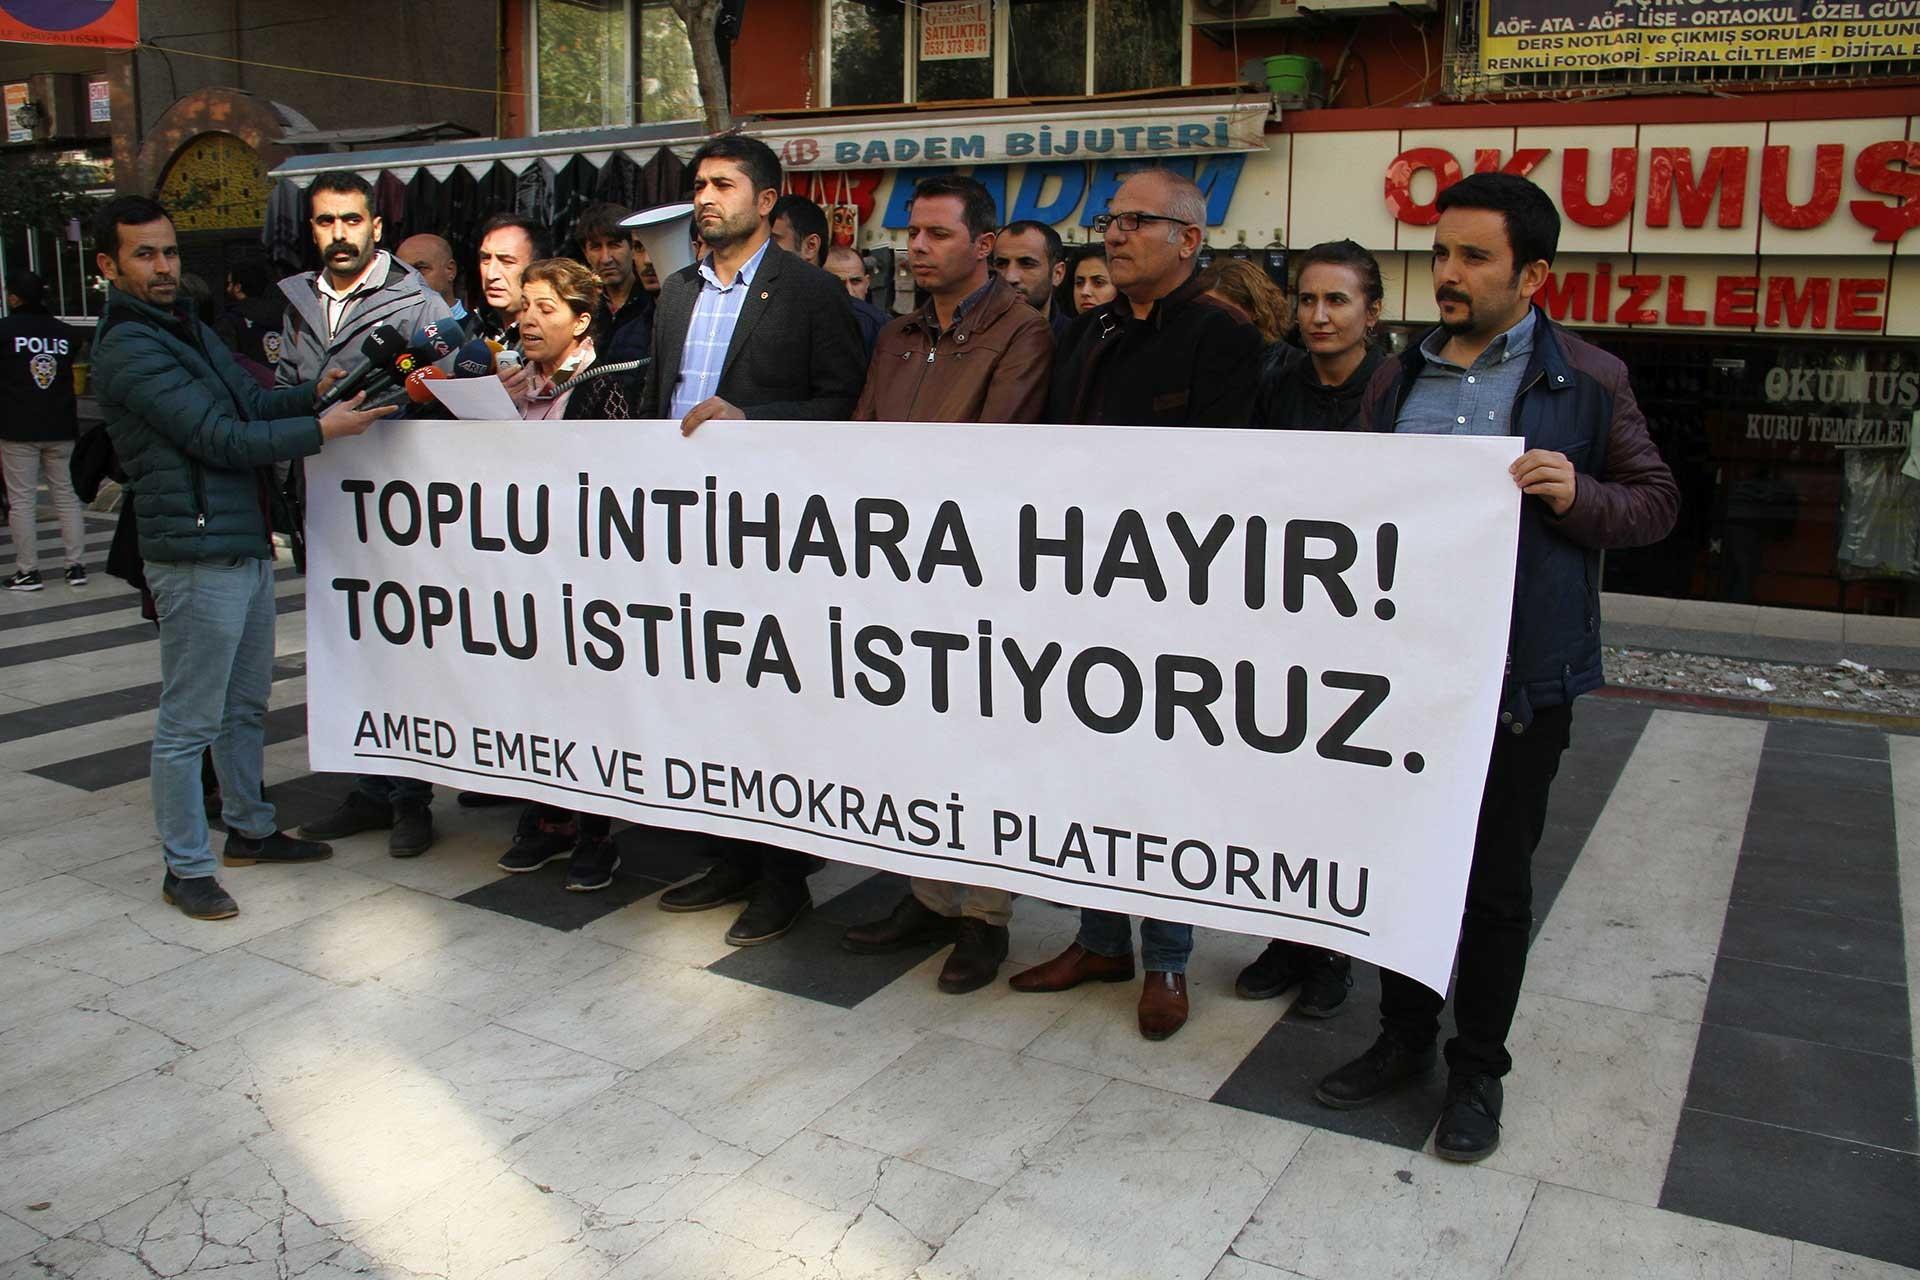 Diyarbakır Emek ve Demokrasi Platformu basın açıklamasında